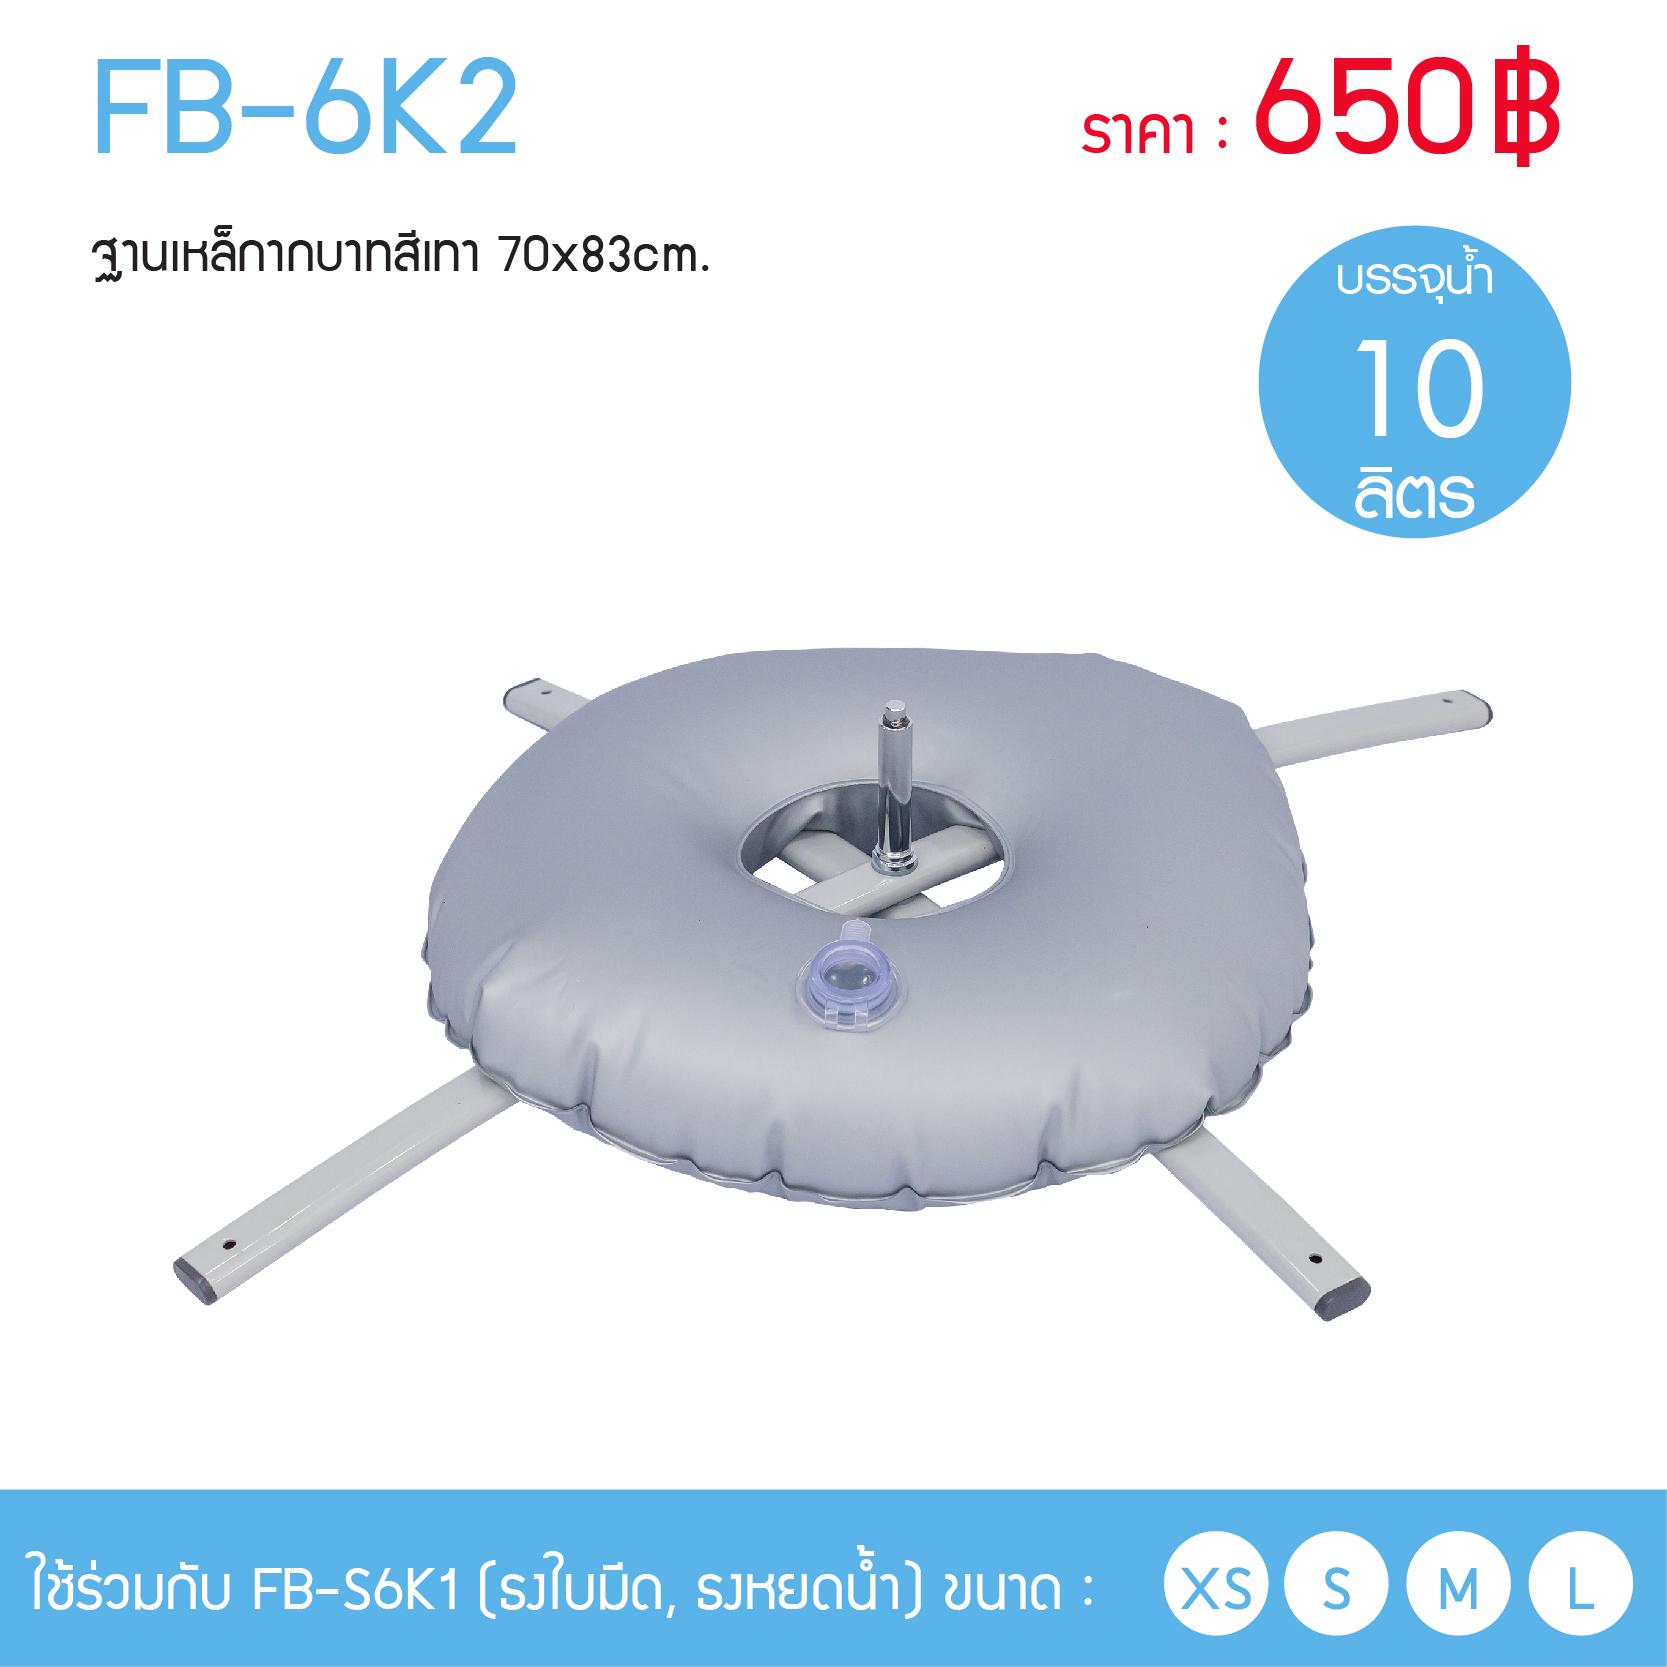 FB-6K2